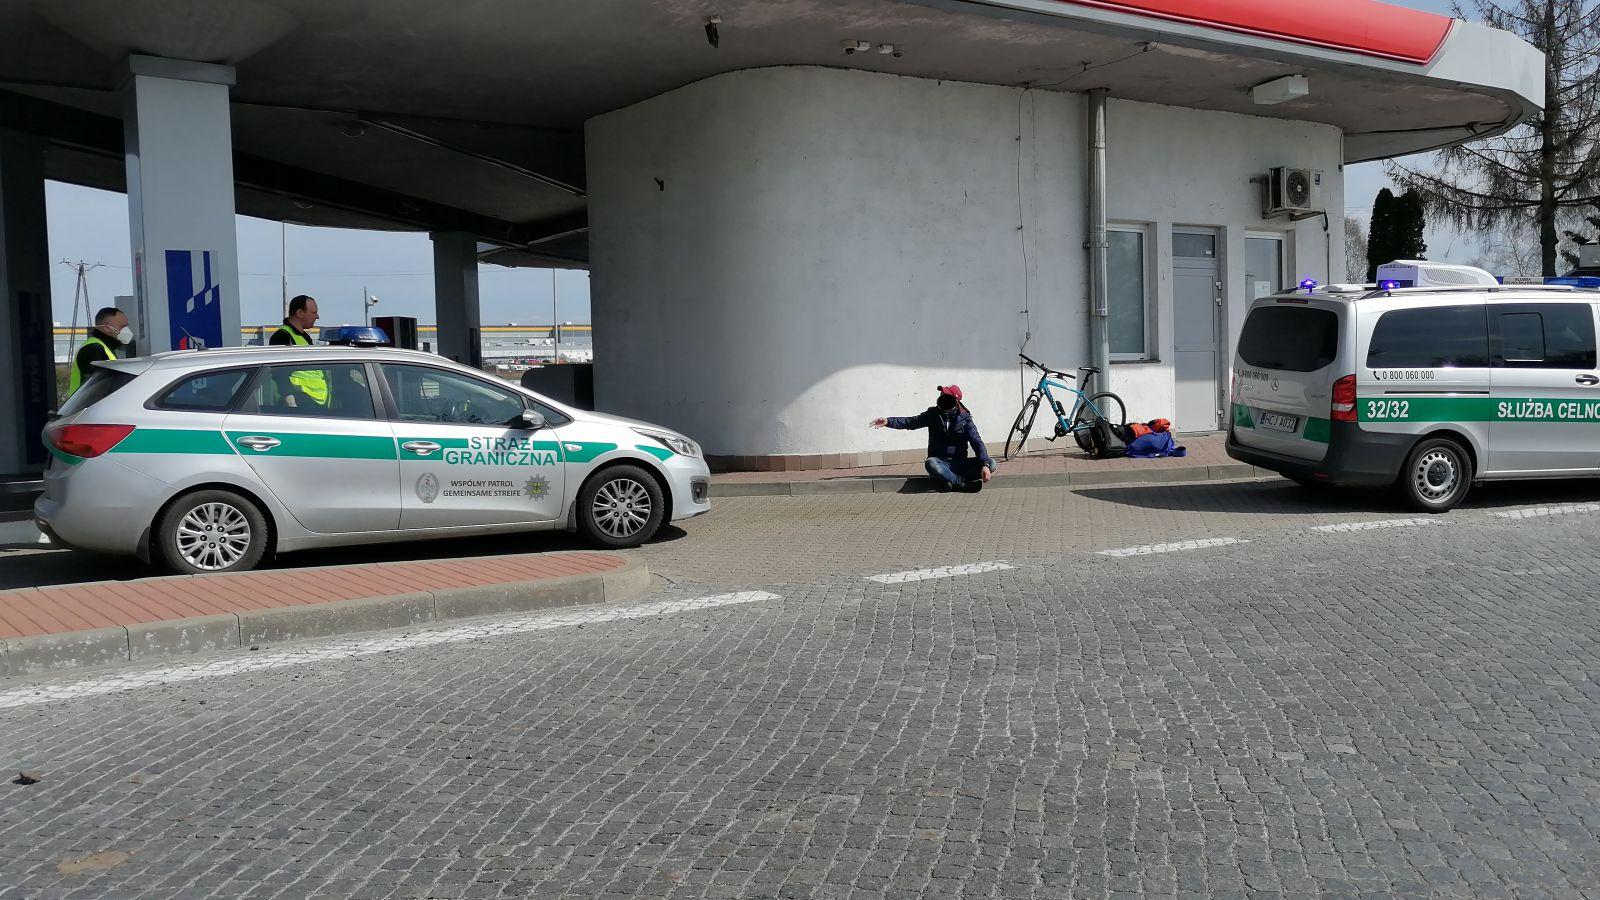 rowerem przez granicę.jpg